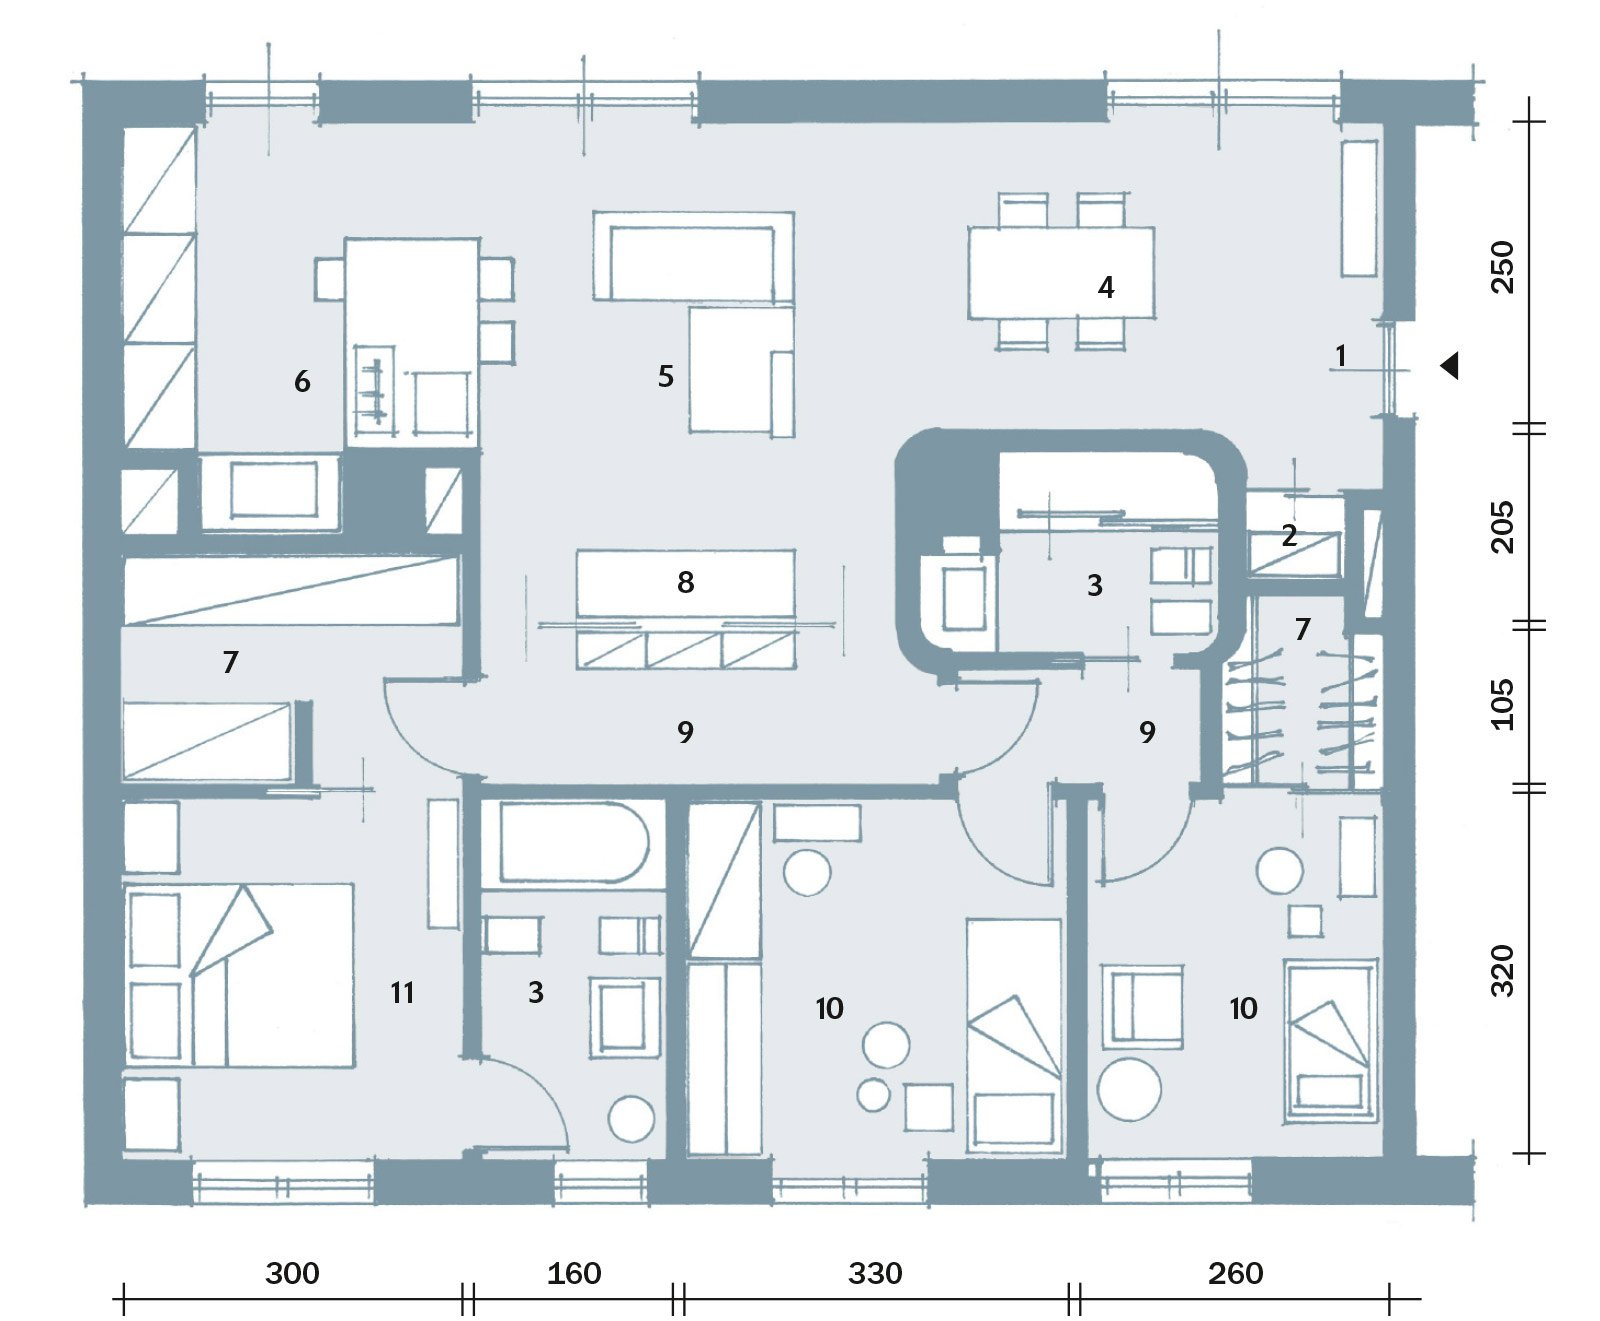 Suddivisioni ottimizzate per la casa di meno di 100 mq for 2 piani letto 2 bagni